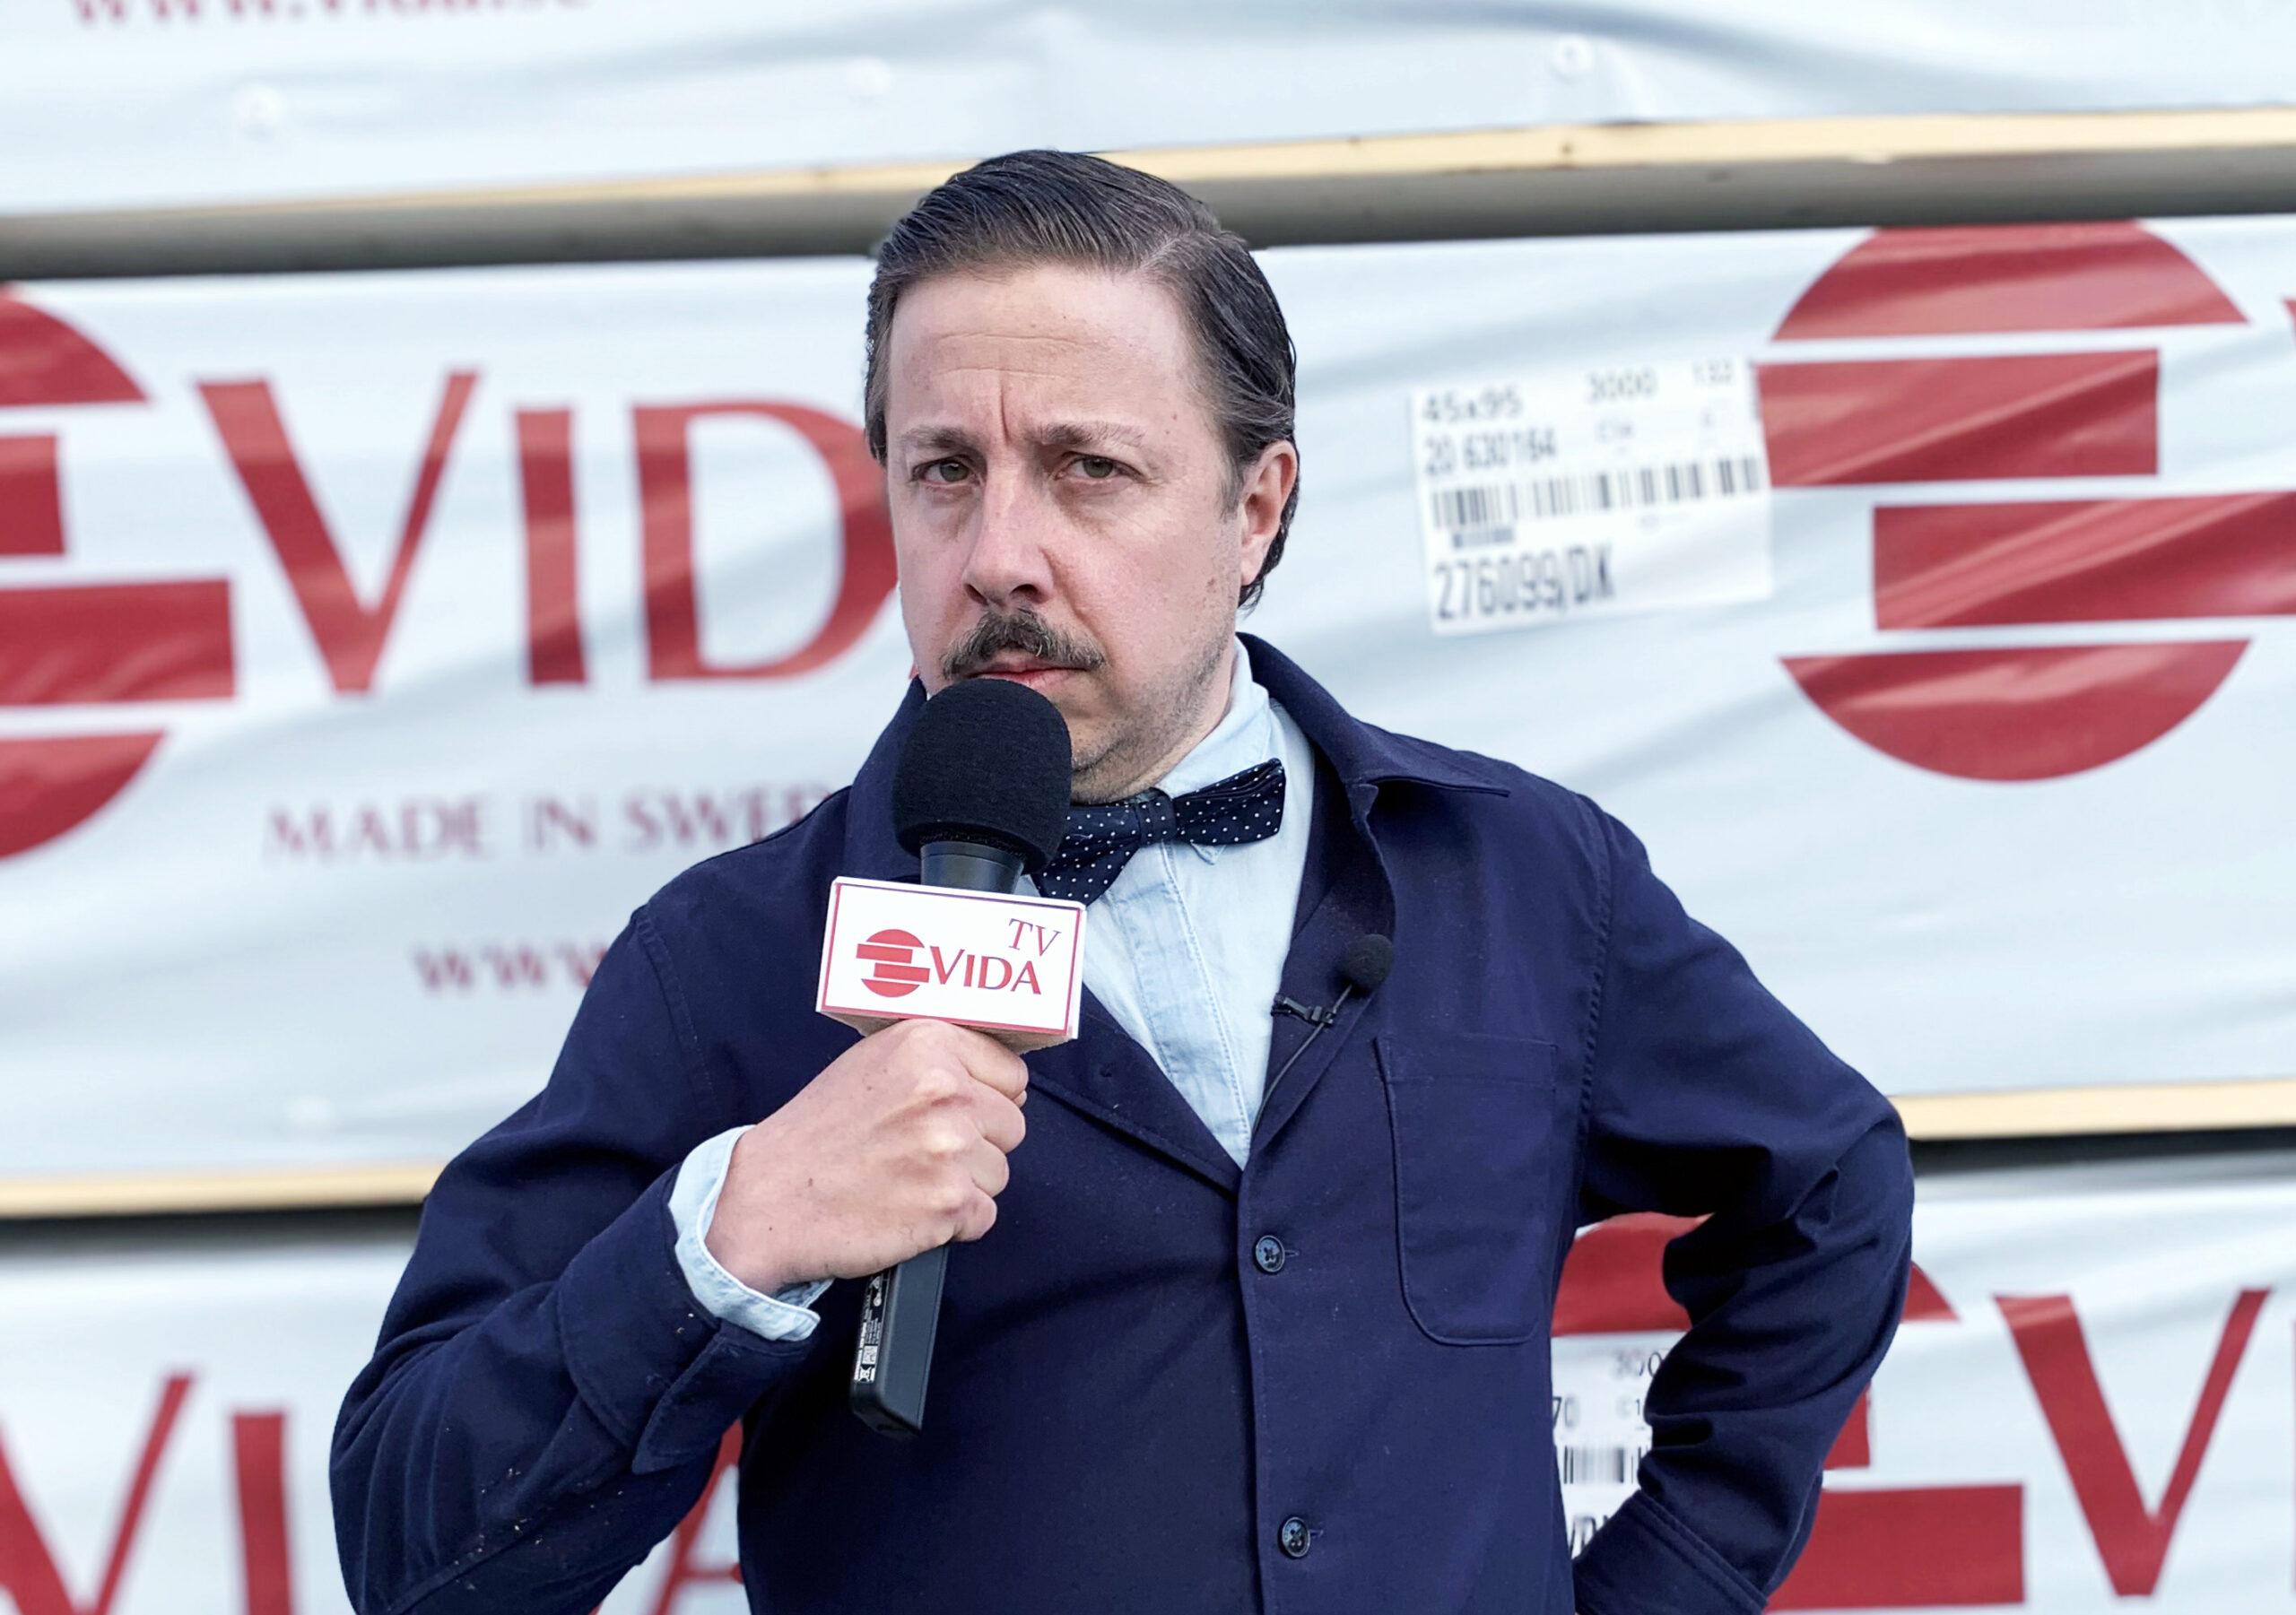 Vida TV med David Sundin